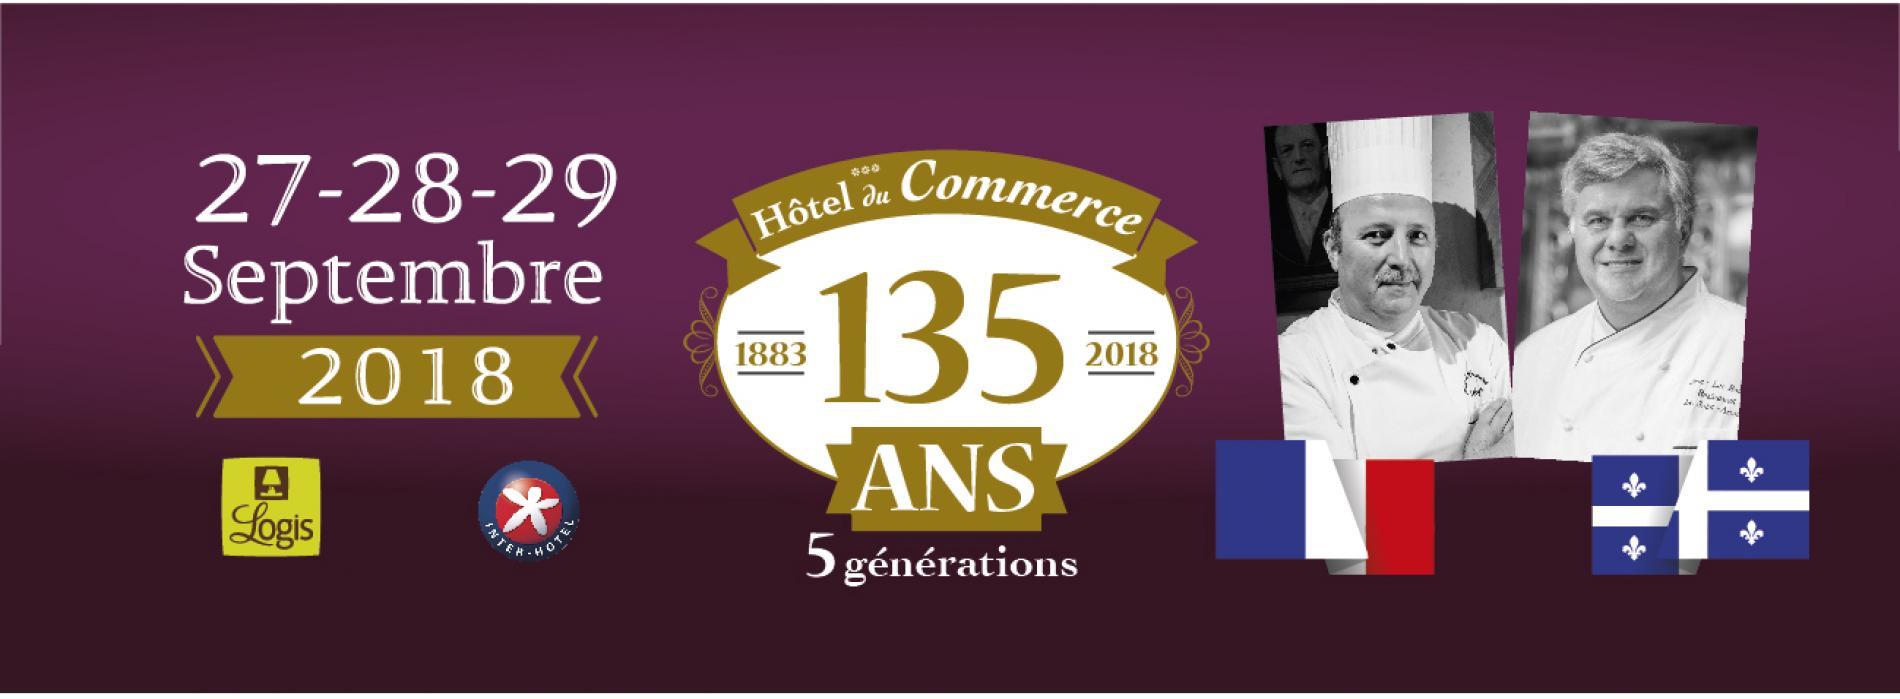 L'Hôtel du Commerce fête ses 135 ans !